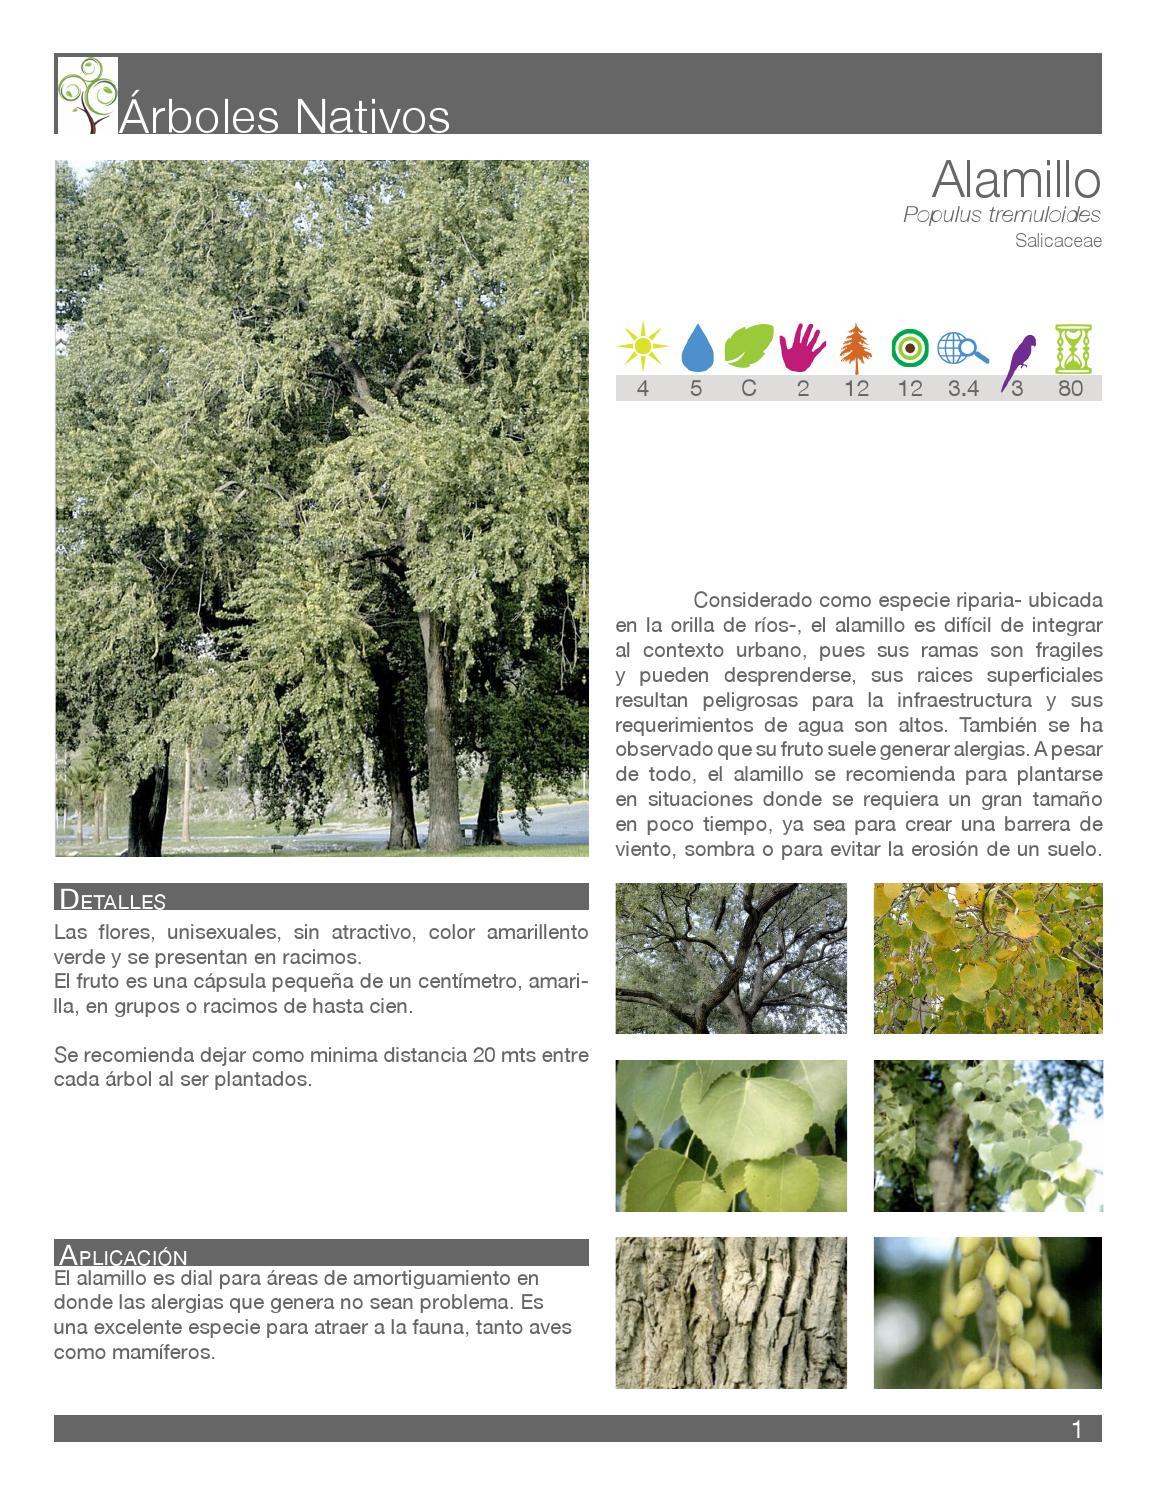 catalogo arboles nativos nuevo leon mex by bernadette